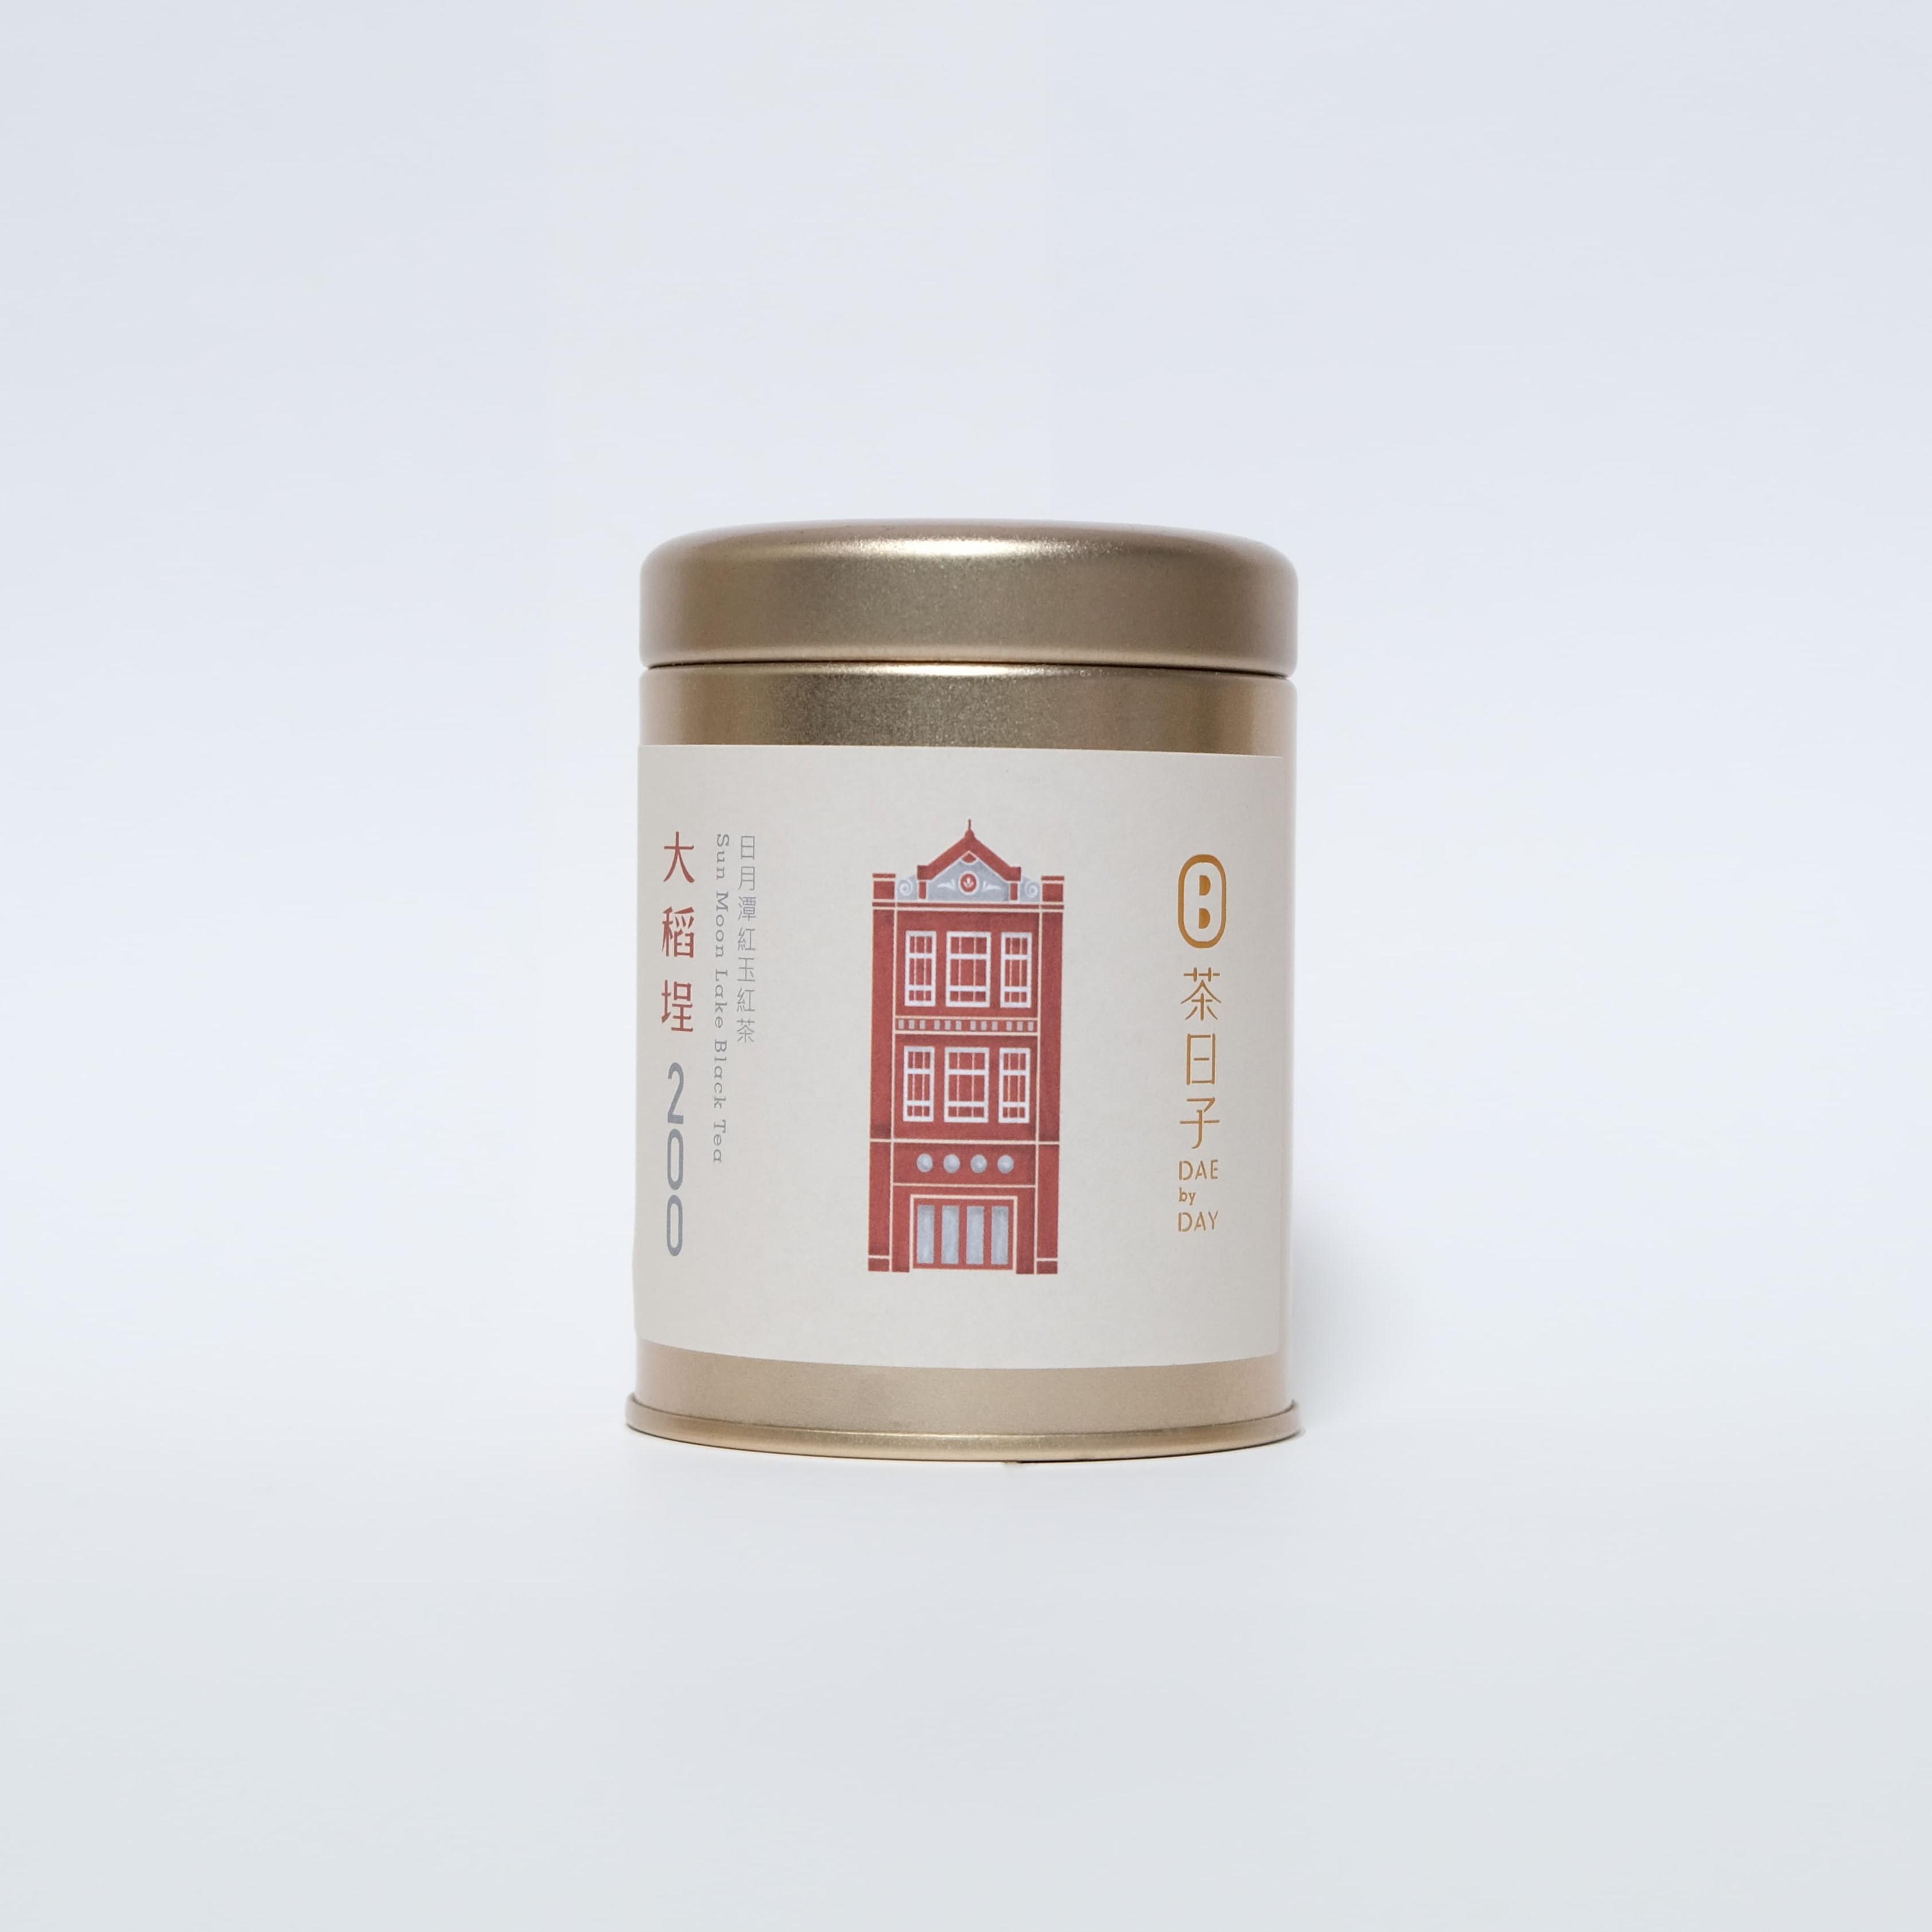 大稻埕 / 小金罐-Dae200日月潭紅玉紅茶